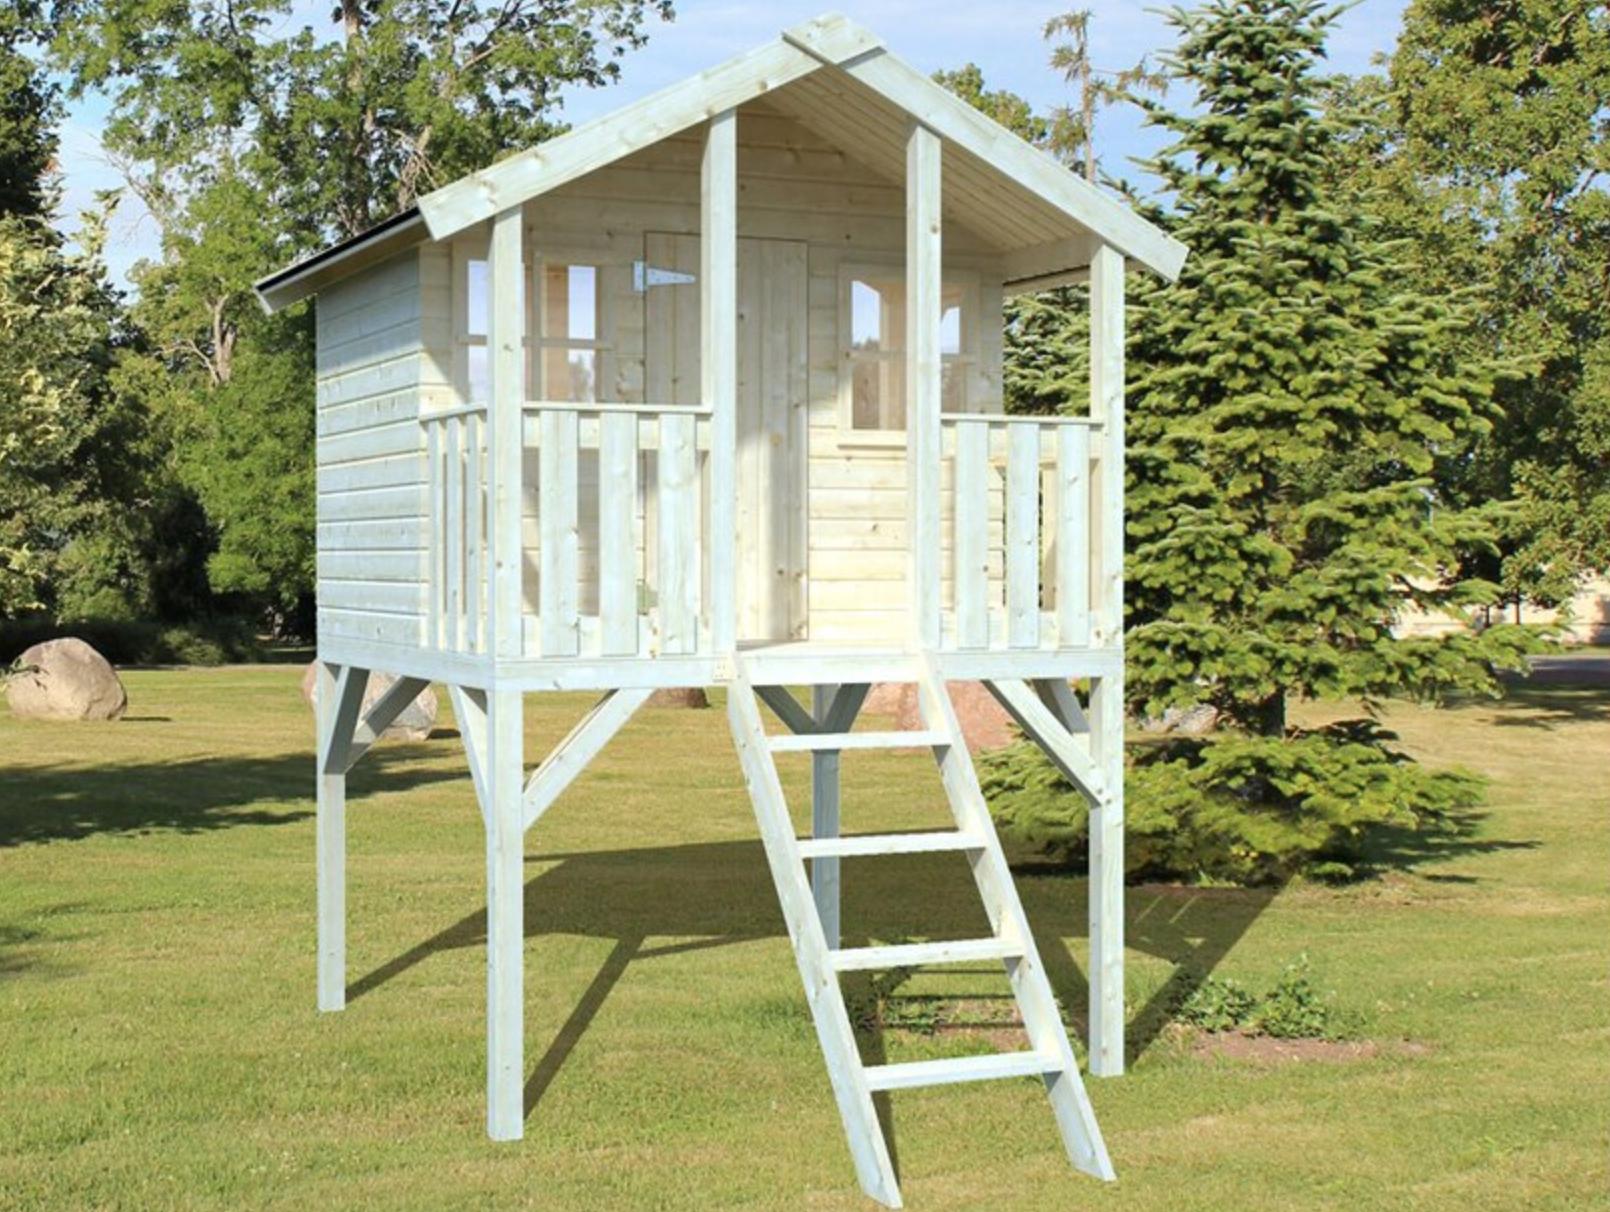 OBI 10% Rabatt auf ausgewählte Spielhäuser & Schaukeln - z.B. Palmako Spielturm Toby mit Holzleiter Fichte 287 cm x 212 cm x 284 cm